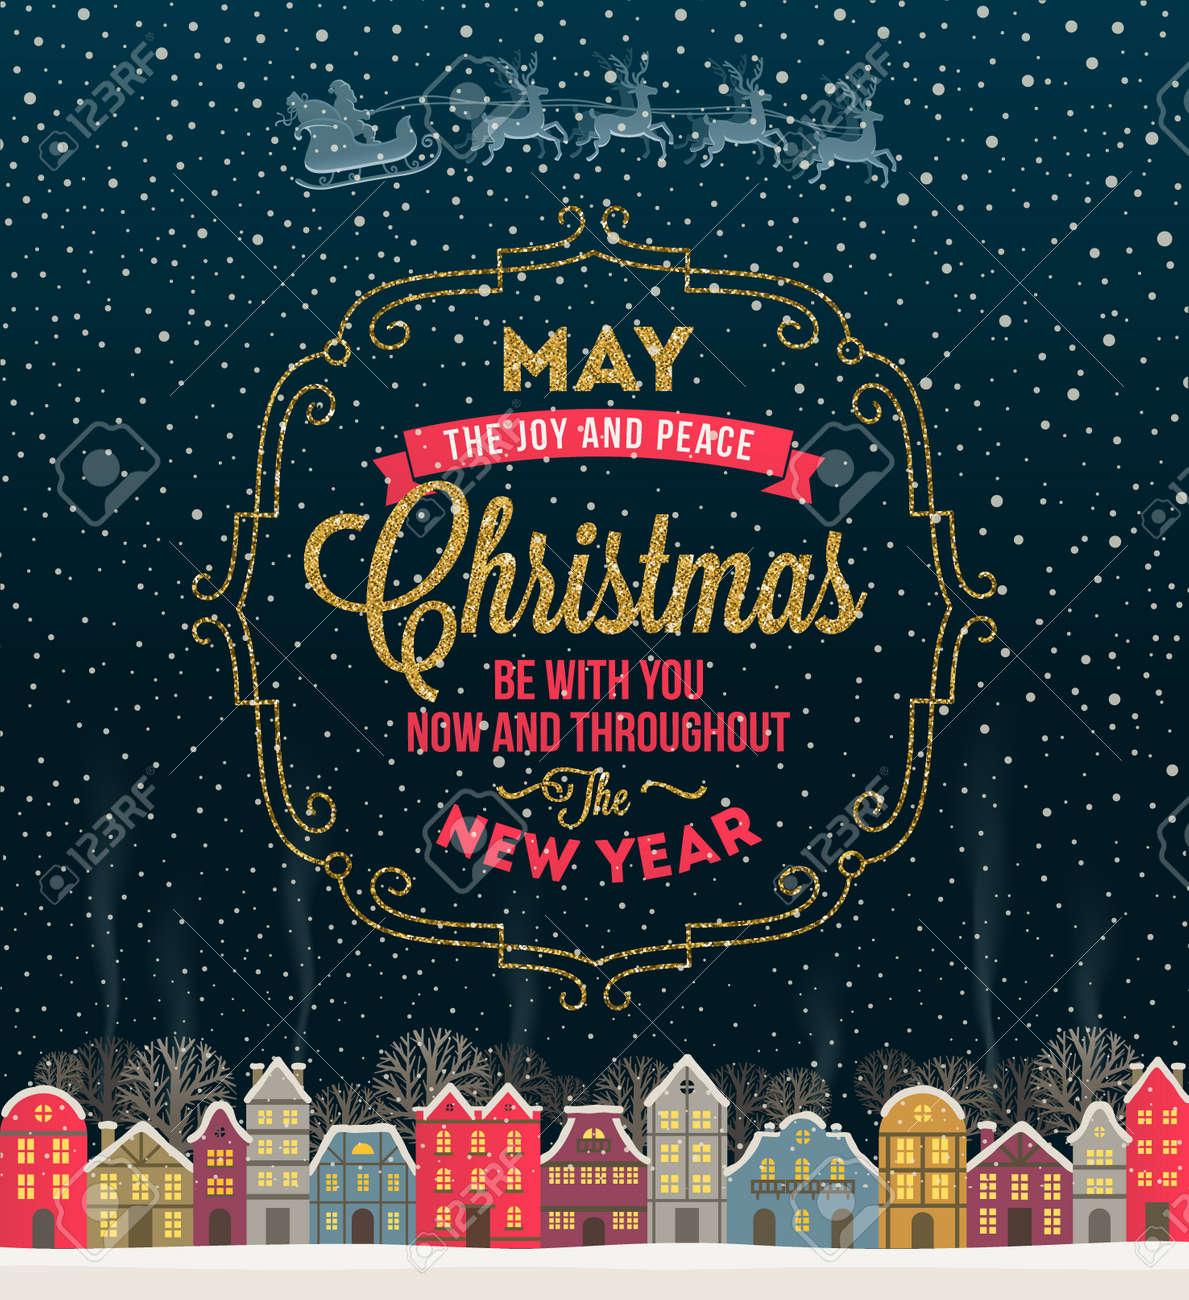 Immagini Glitterate Di Natale.Auguri Di Natale Design Tipo Con Frame Glitter Oro E La Citta D Inverno Dalla Neve